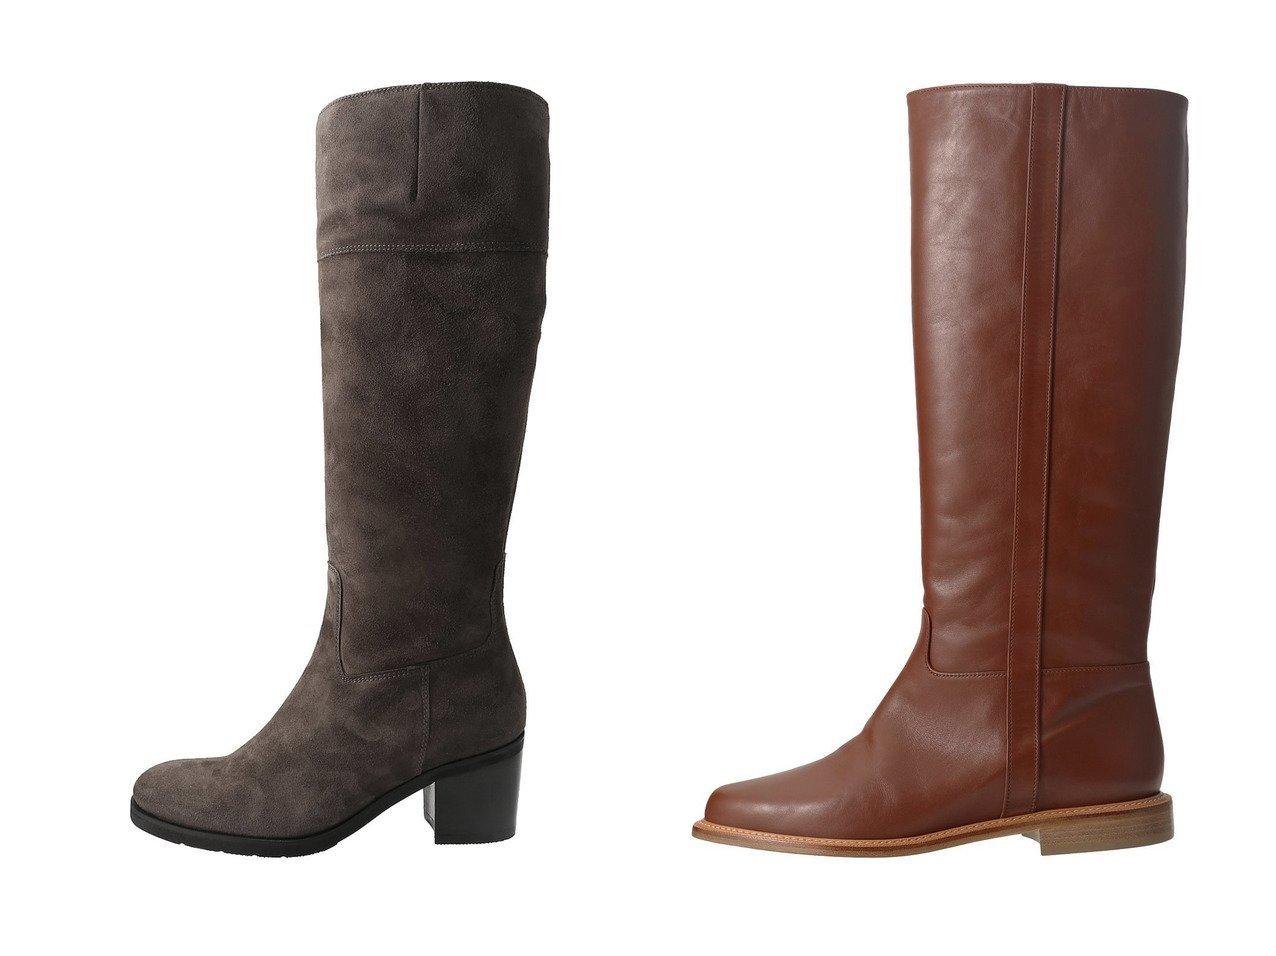 【NEBULONI E/ネブローニ】のLUKE ロングブーツ&【LucaGrossi/ルカグロッシ】のロングヒールブーツ シューズ・靴のおすすめ!人気、レディースファッションの通販  おすすめで人気のファッション通販商品 インテリア・家具・キッズファッション・メンズファッション・レディースファッション・服の通販 founy(ファニー) https://founy.com/ ファッション Fashion レディース WOMEN アーモンドトゥ サイドジップ シンプル ロング |ID:crp329100000000096